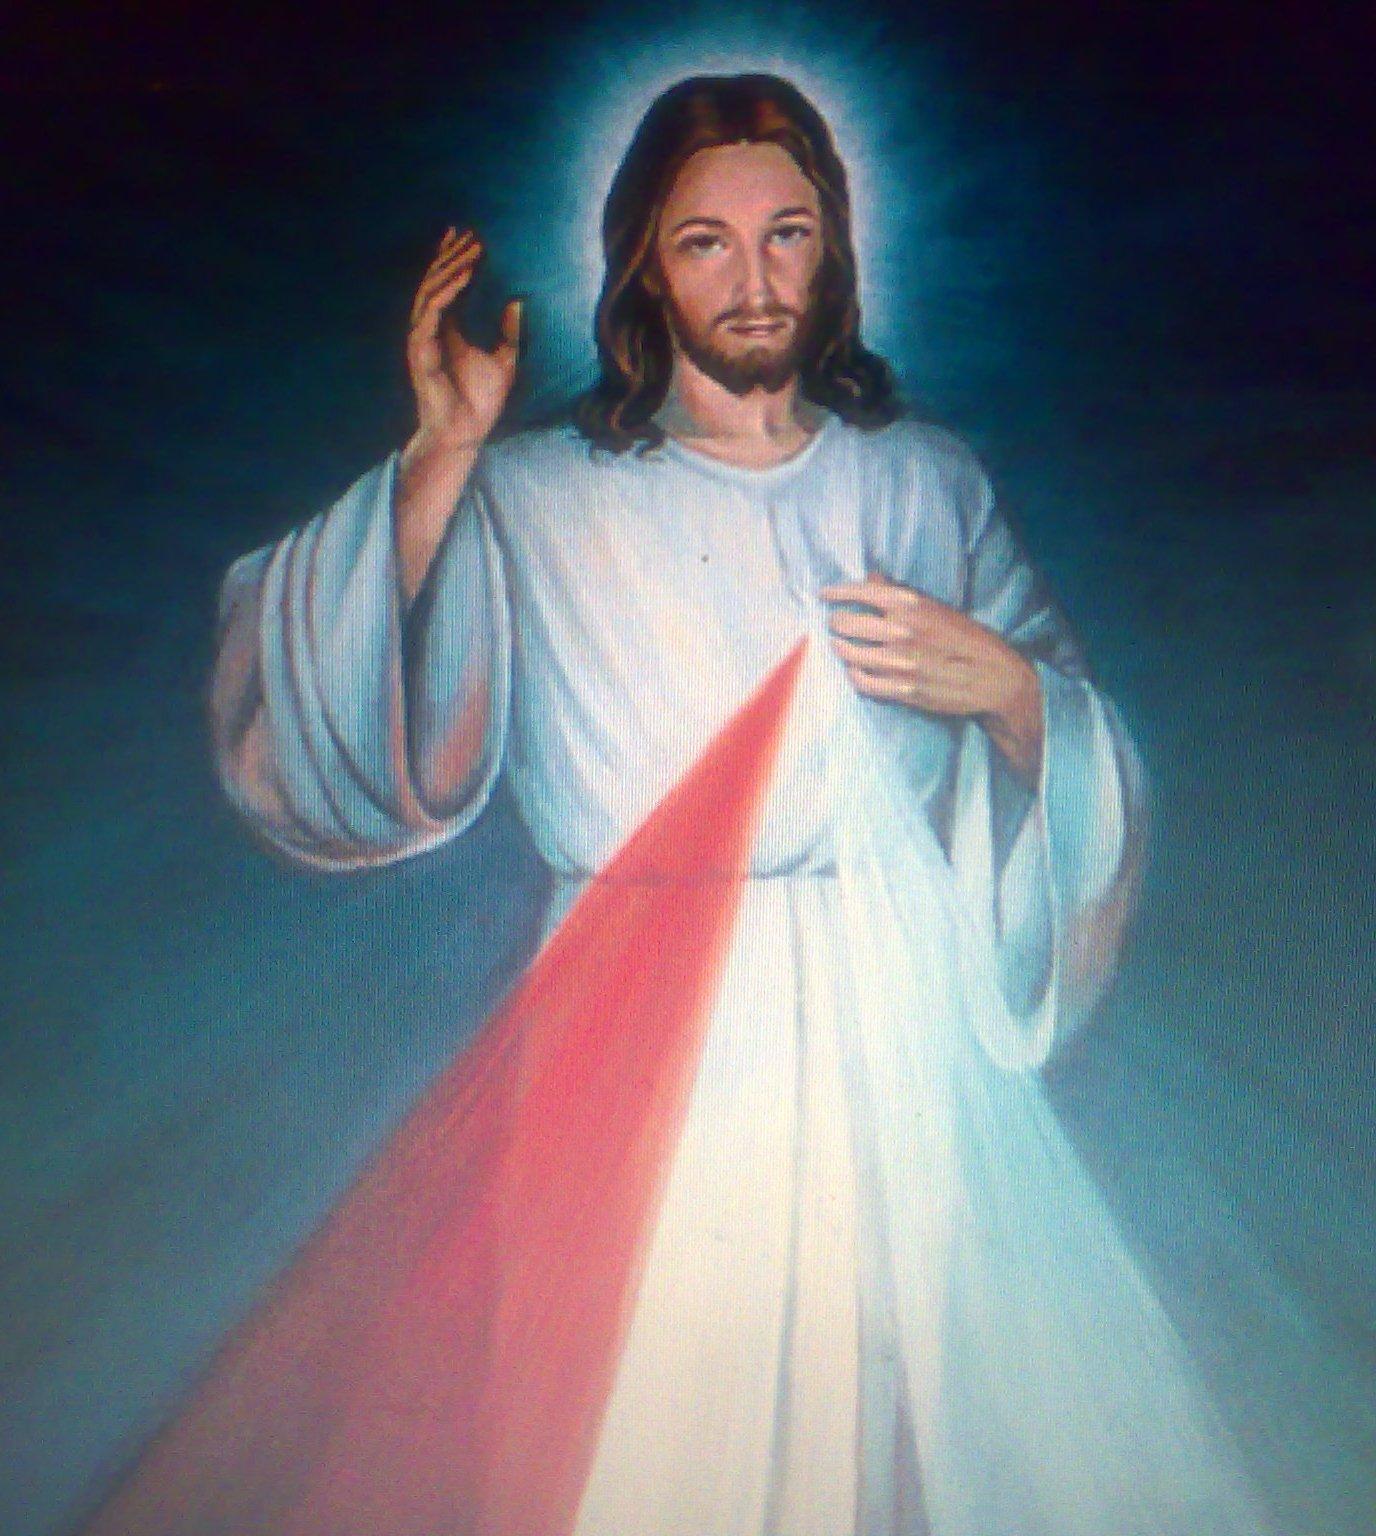 http://3.bp.blogspot.com/_GbESNkSrWcc/S7rnjfixdTI/AAAAAAAABik/U-NzPhaFUqI/s1600/Divine%2BMercy.jpg